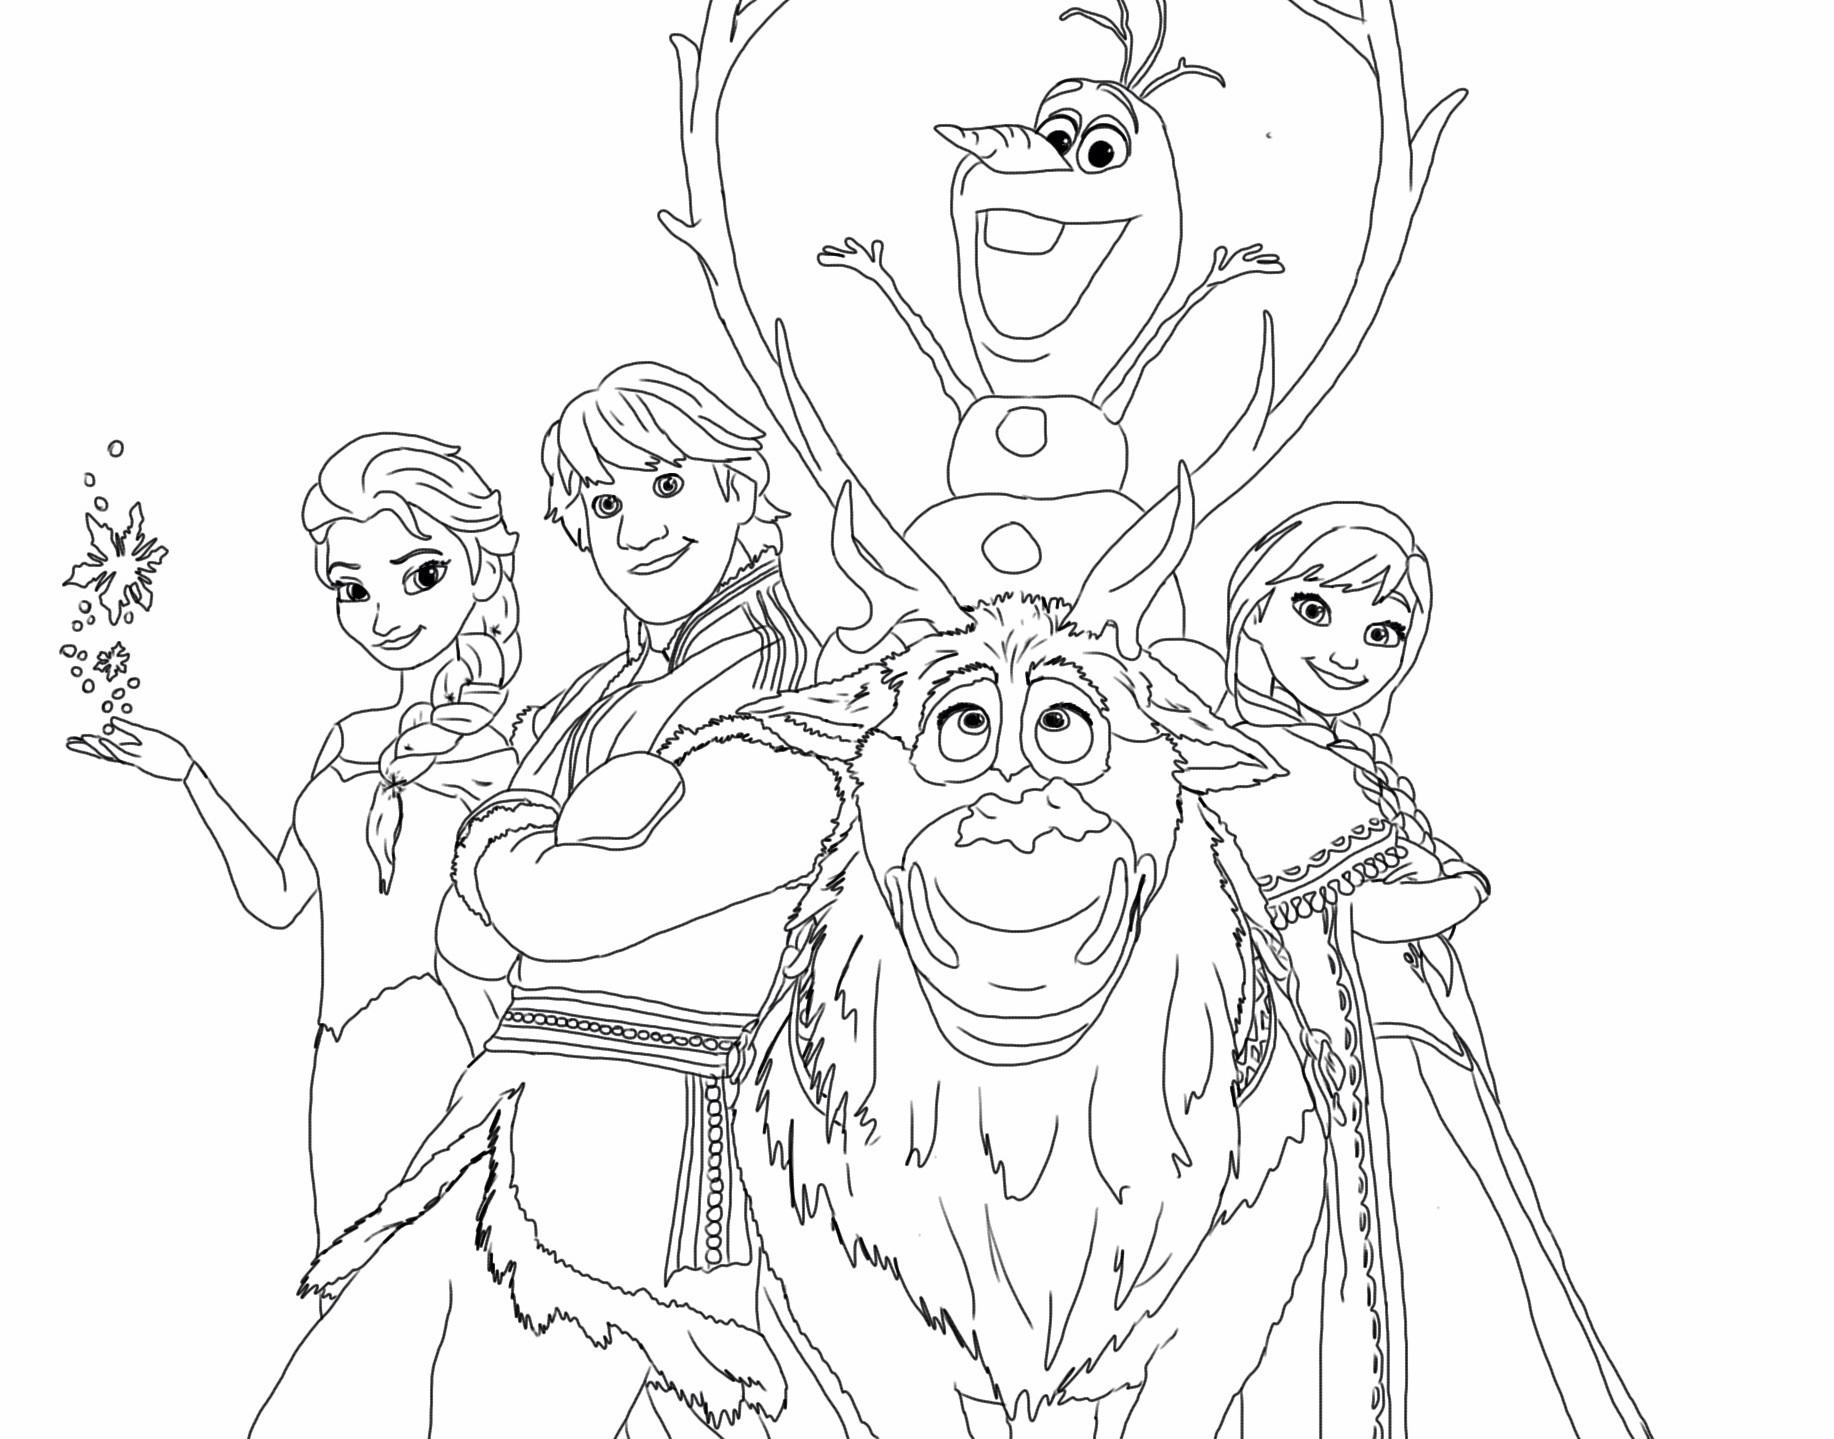 Tranh tô màu công chúa Elsa đáng yêu cho bé